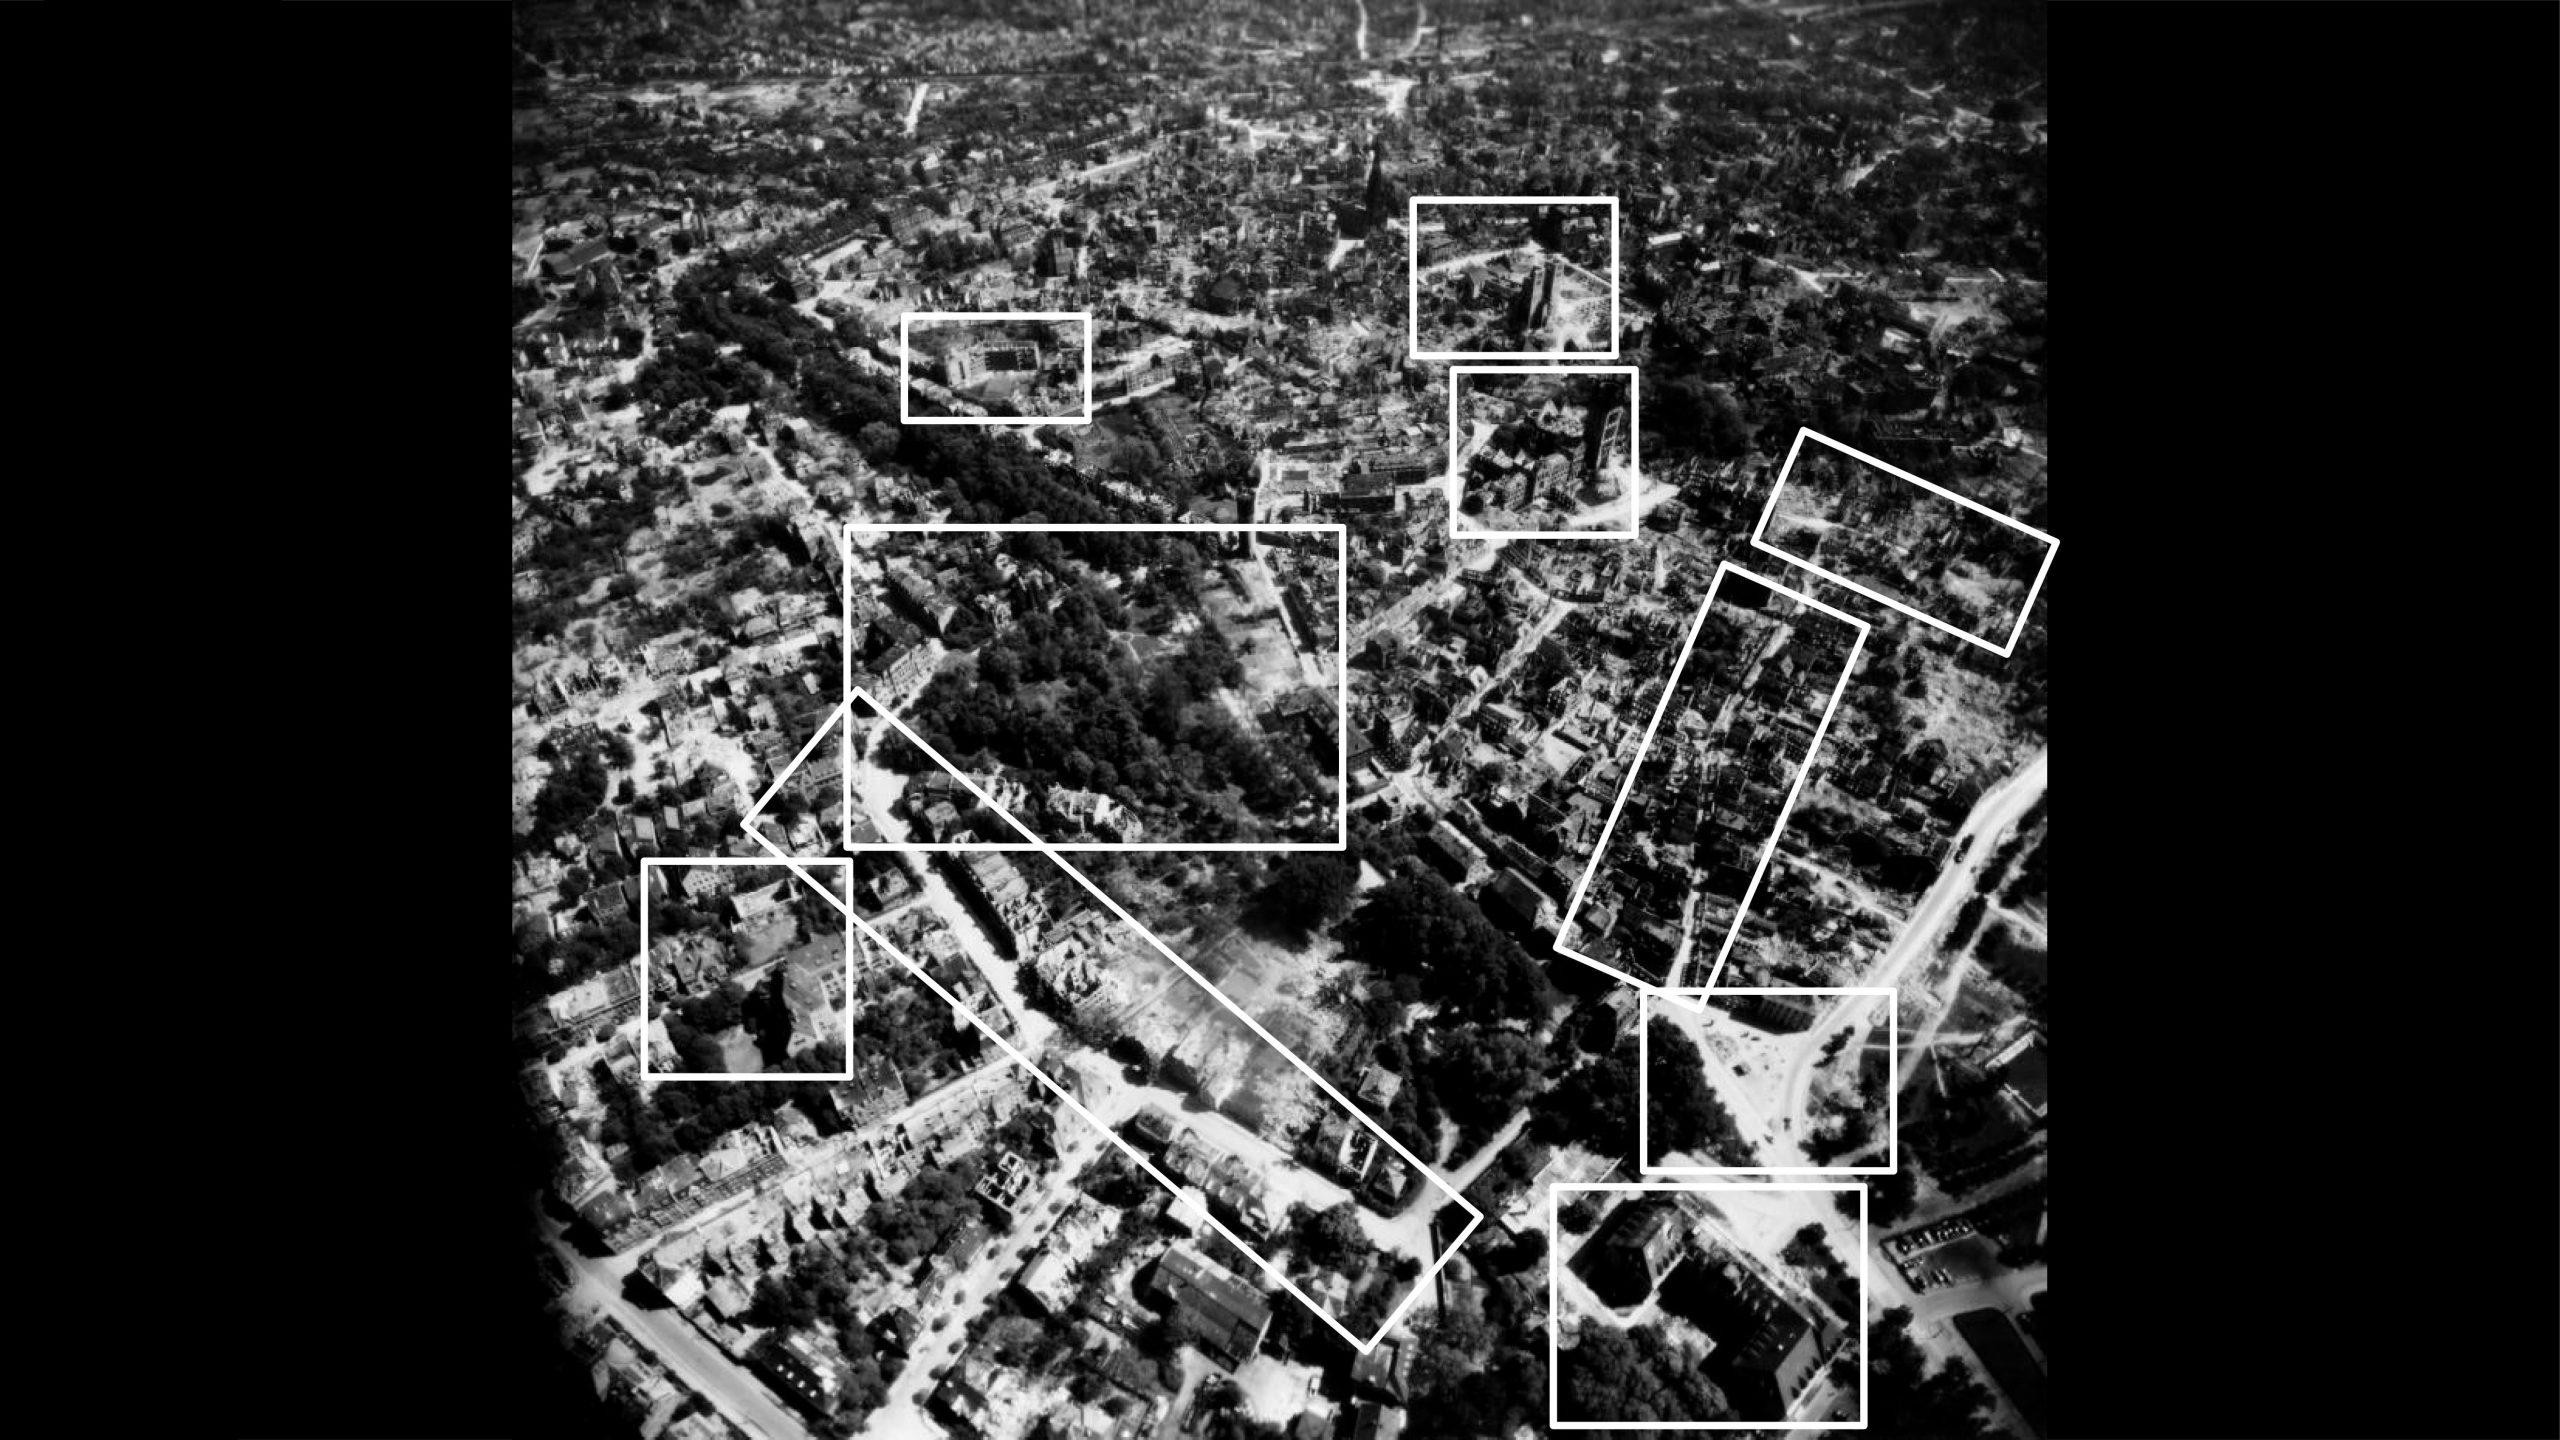 Stadtmuseum Münster: Ausstellung Münster 1945 - Das Stadtzentrum mit der Lambertikirche in Richtung Nordwesten - Foto: Stadtmuseum Münster / Trolley Mission